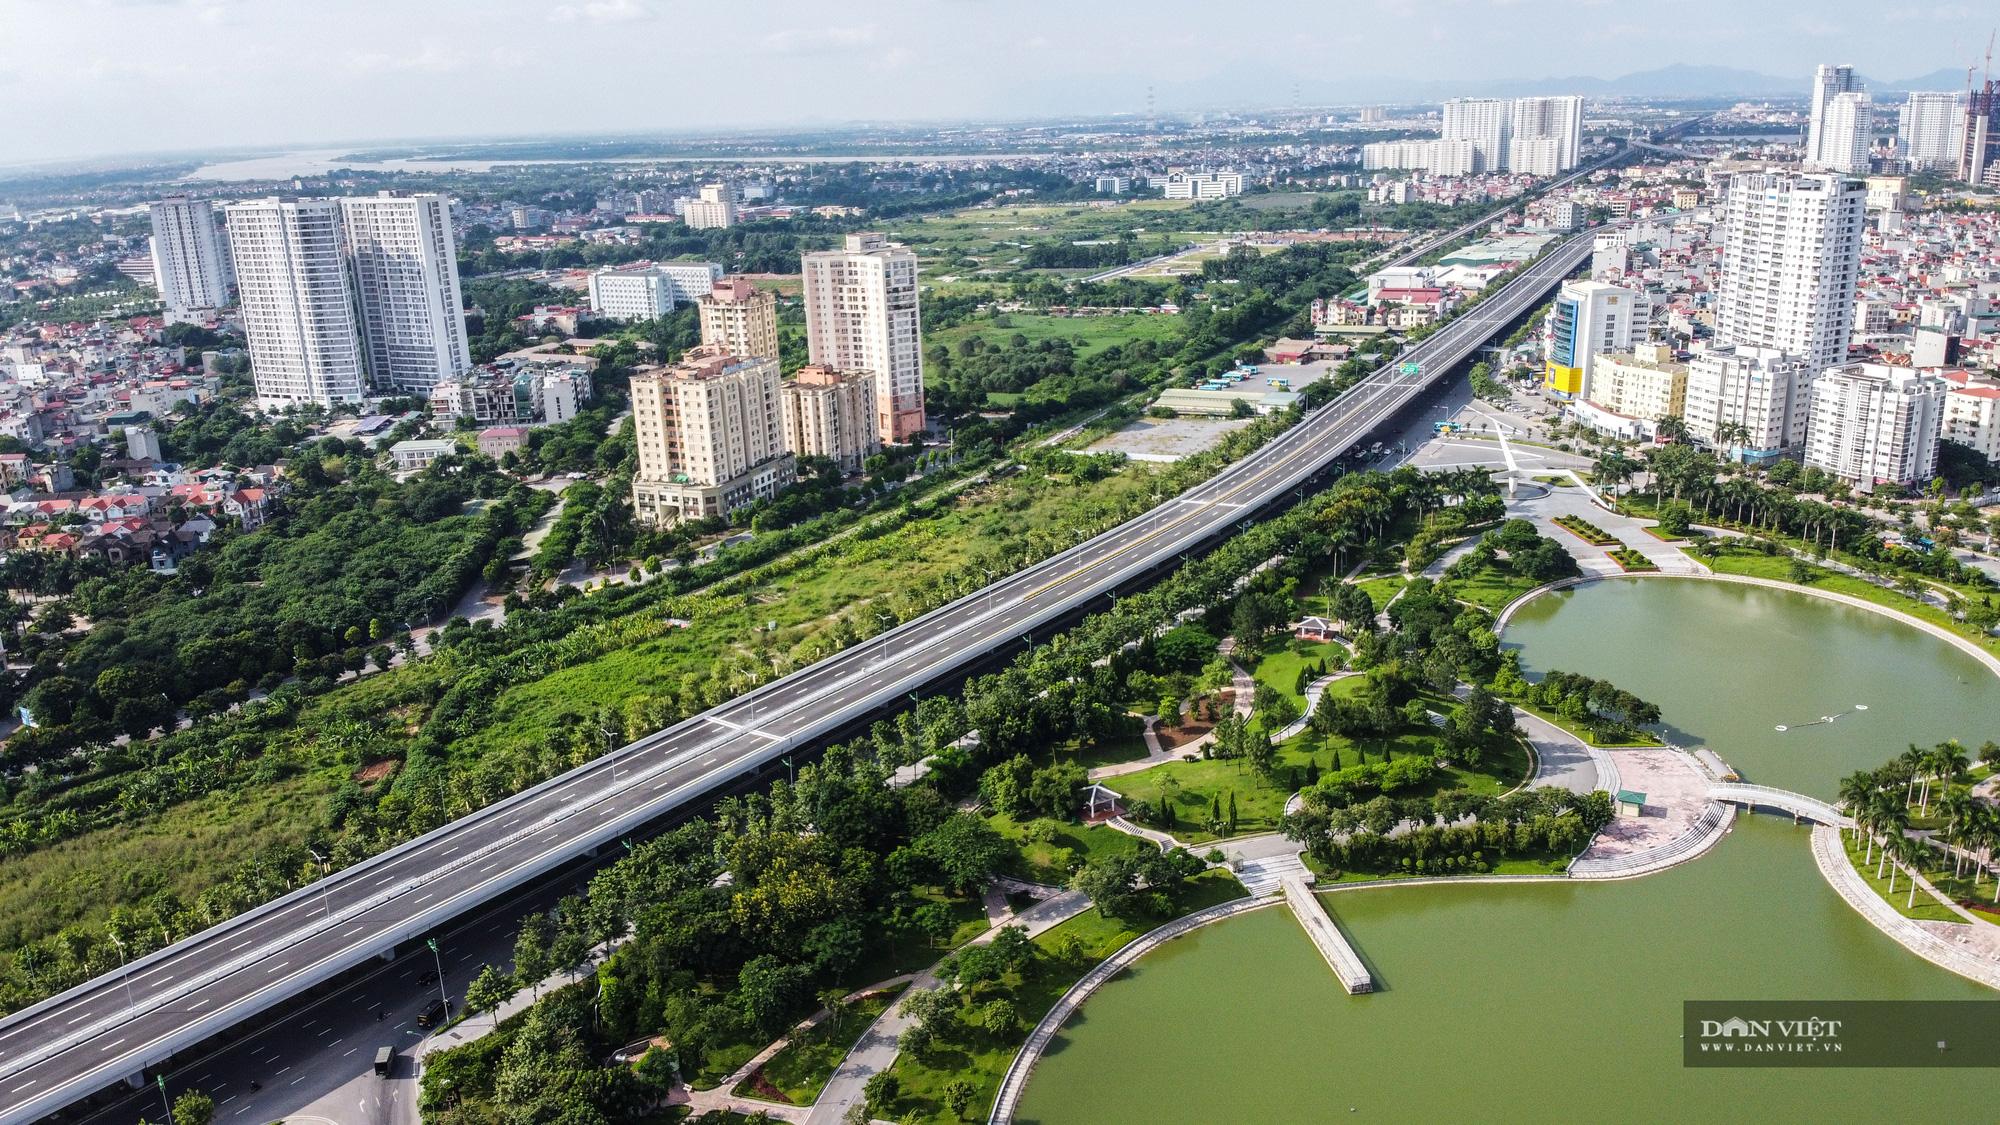 Những cây cầu làm thay đổi diện mạo Thủ đô trong những năm qua - Ảnh 17.